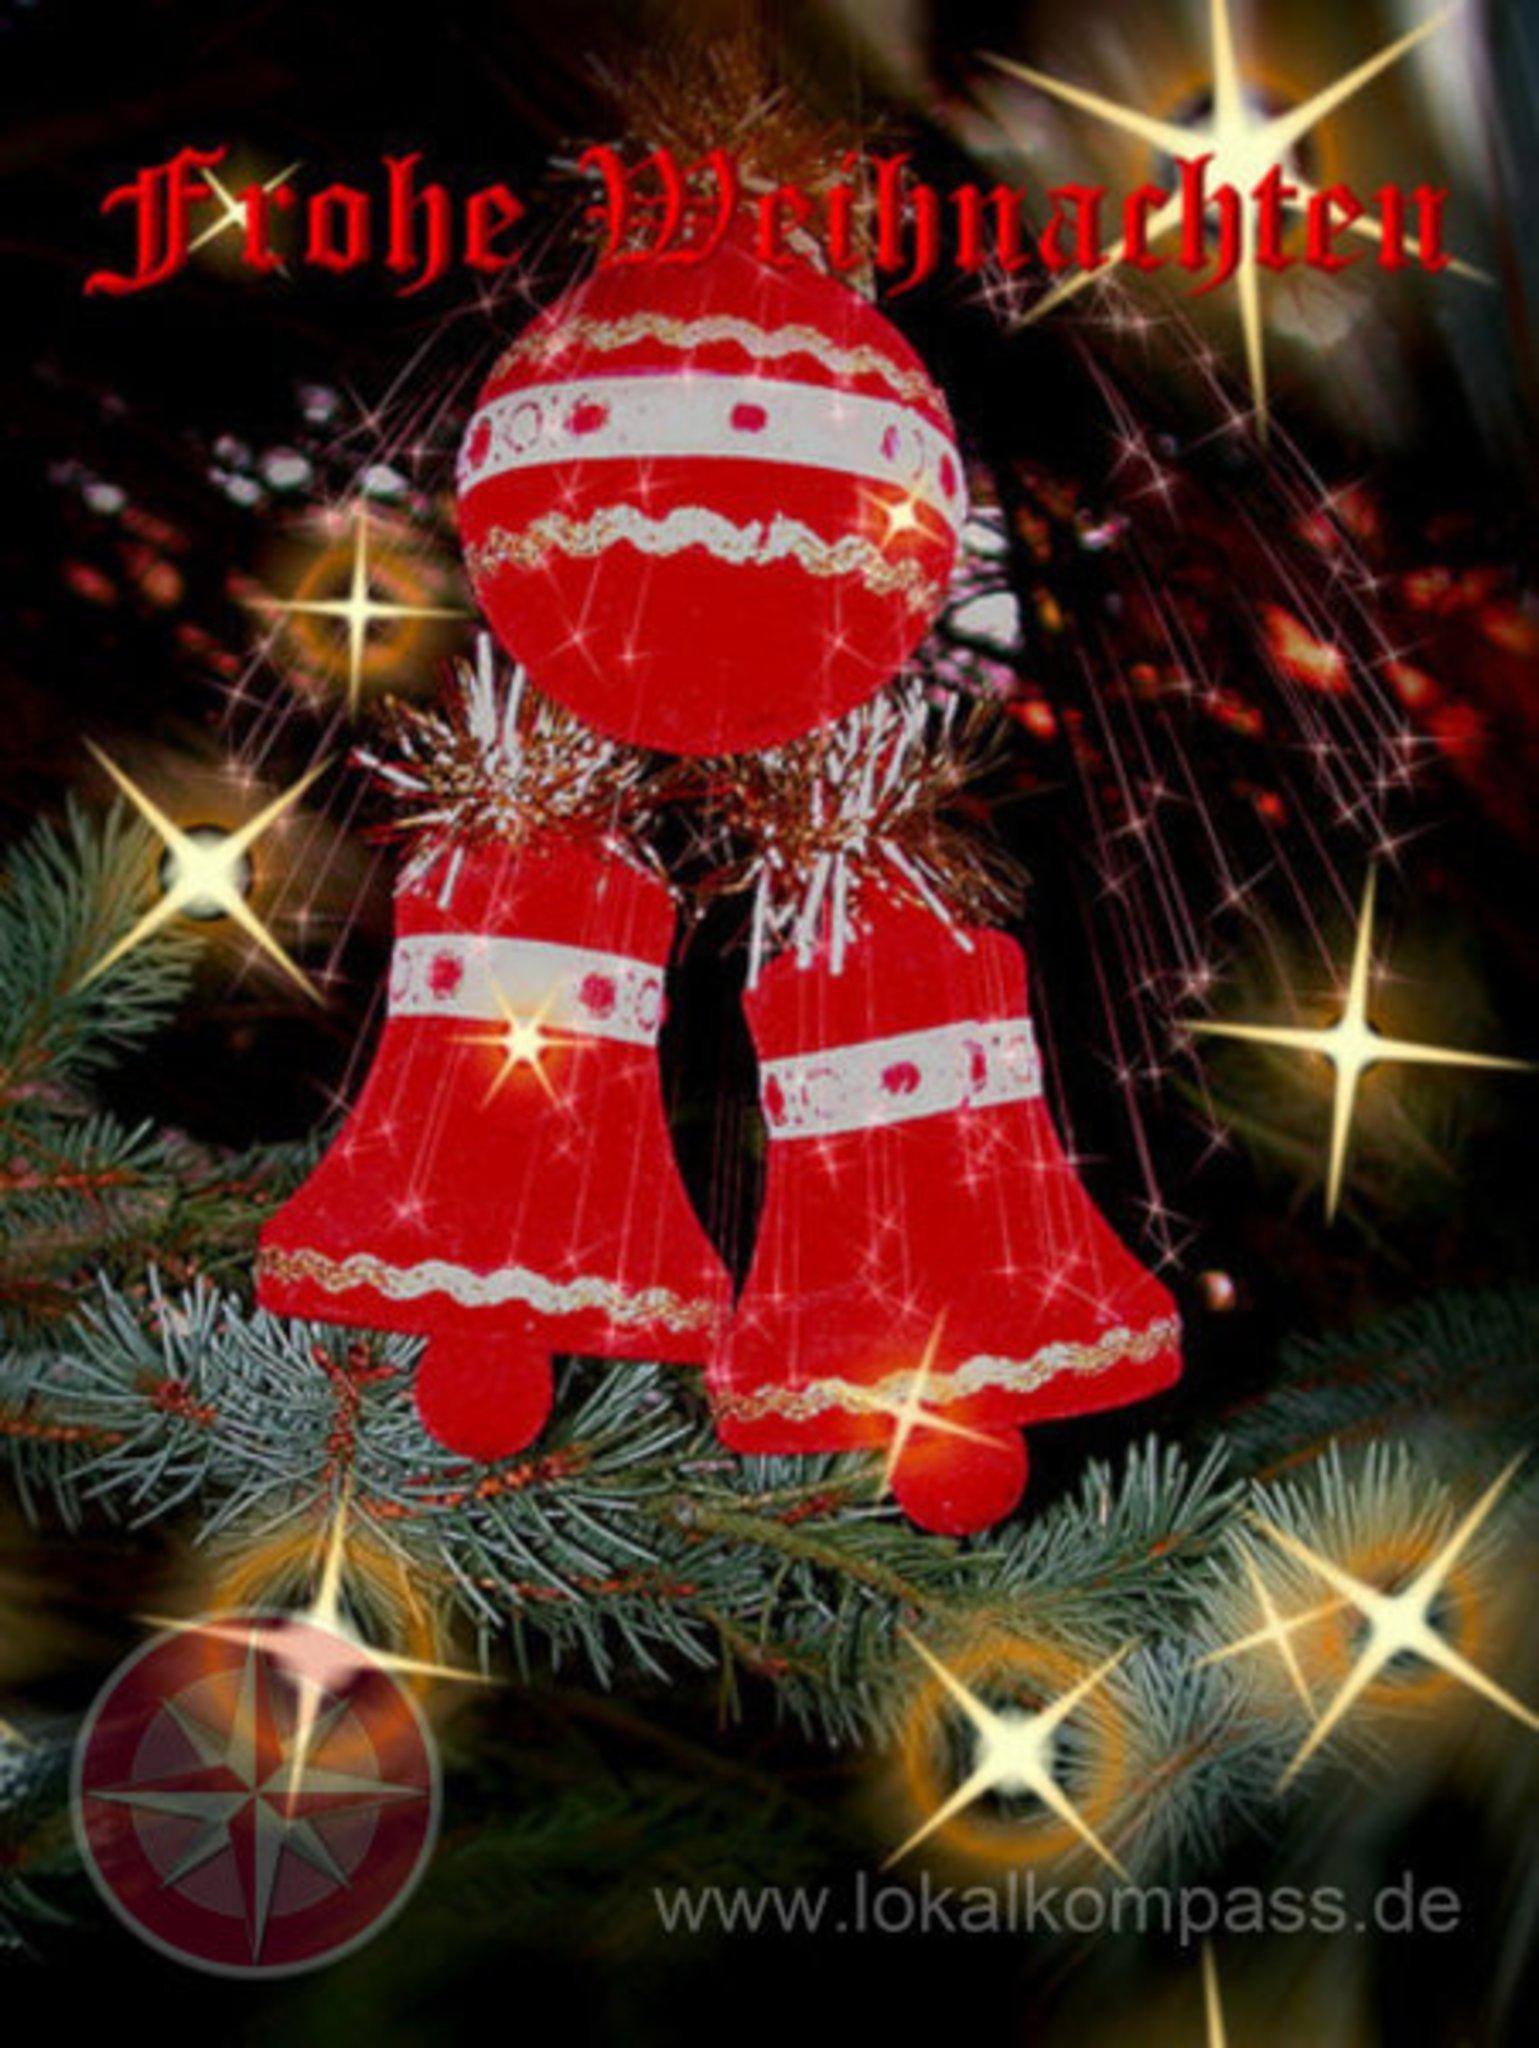 Wünsche Frohe Weihnachten.Zum Weihnachtsfest Wünsche Ich Allen Bürgerreporter Frohe Weihnachten